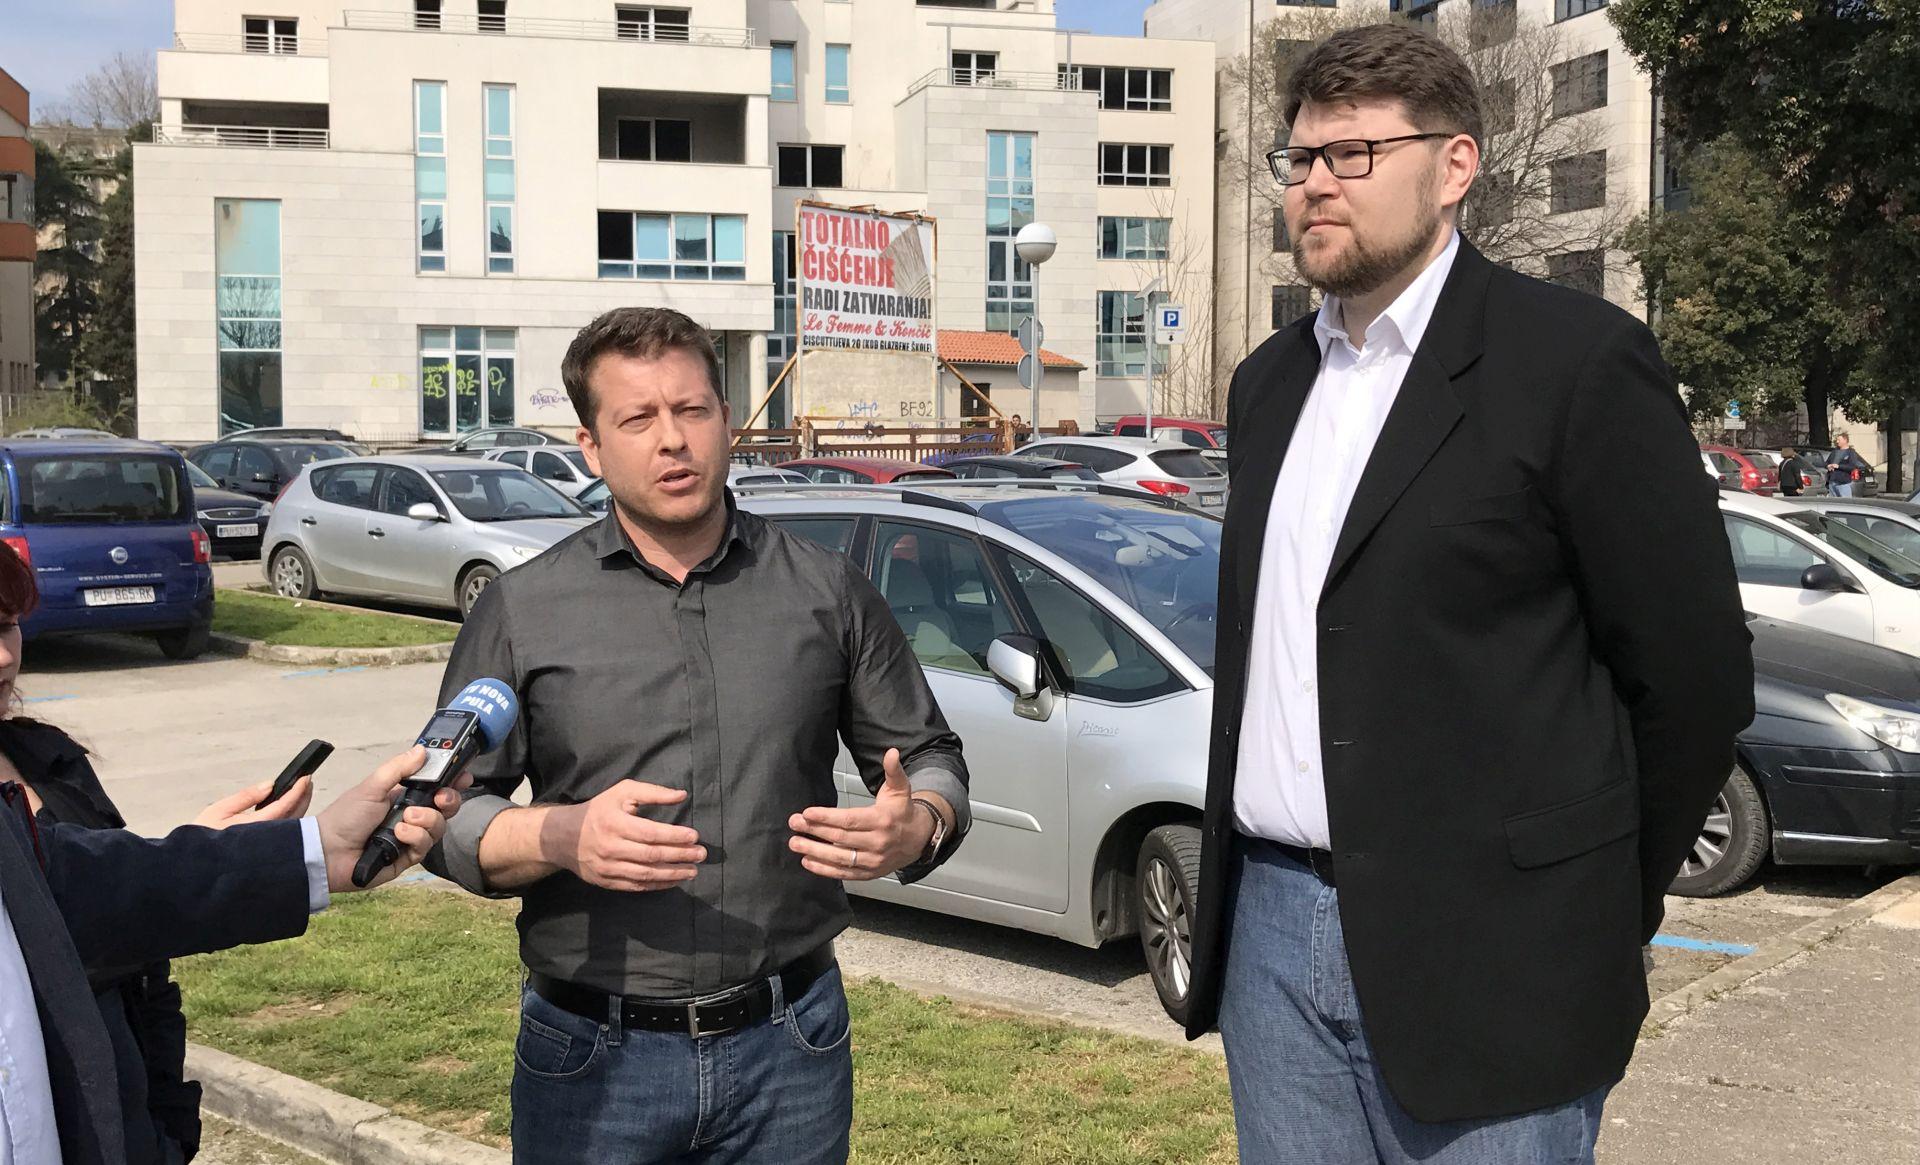 Licul i Grbin o nerealiziranim obećanjima pulske gradske uprave